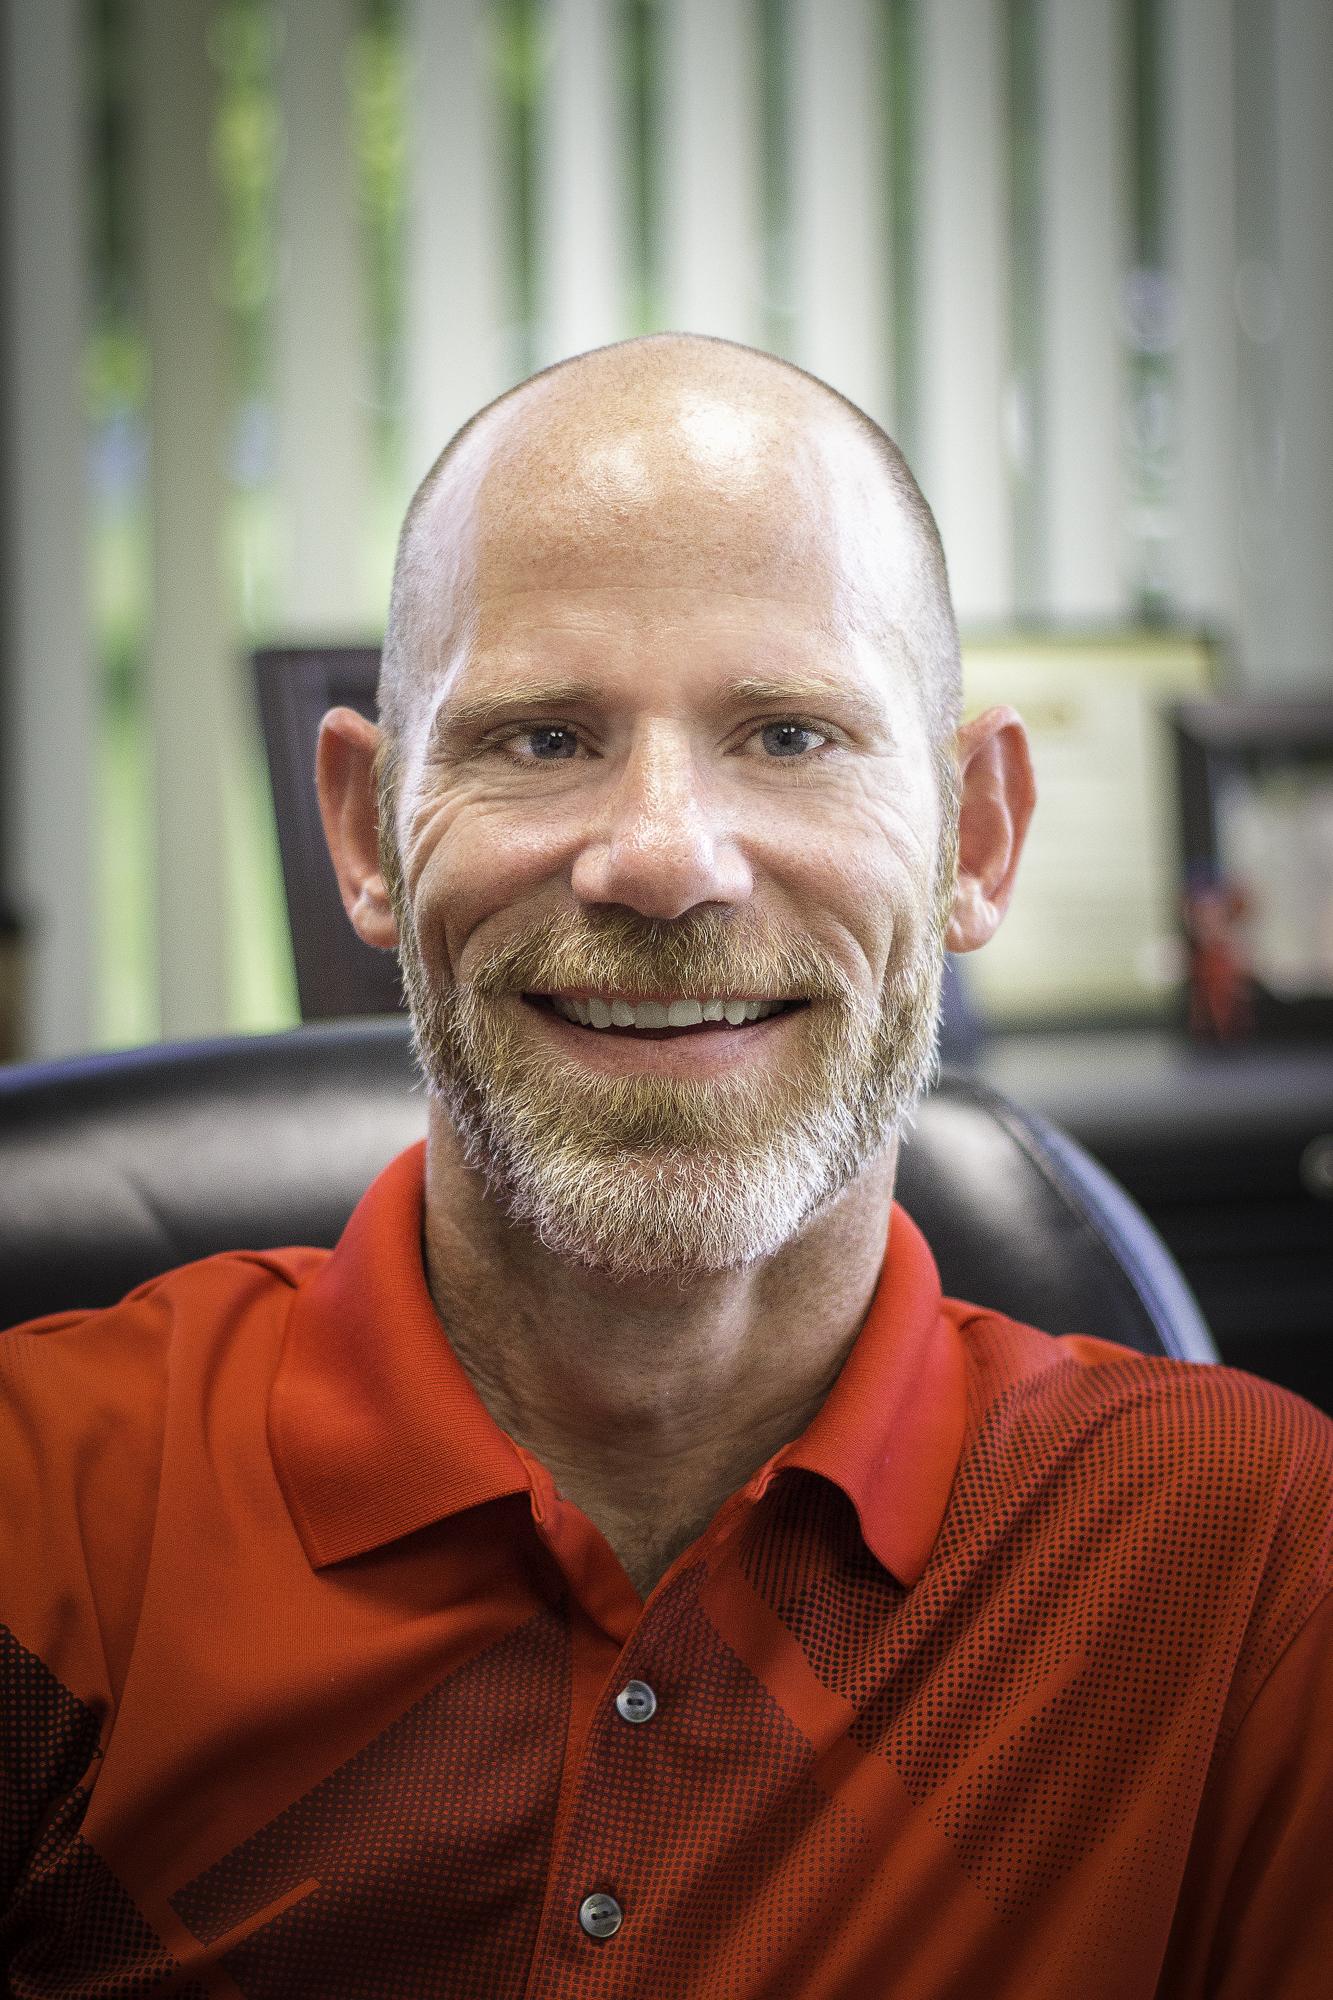 Ryan Krebs